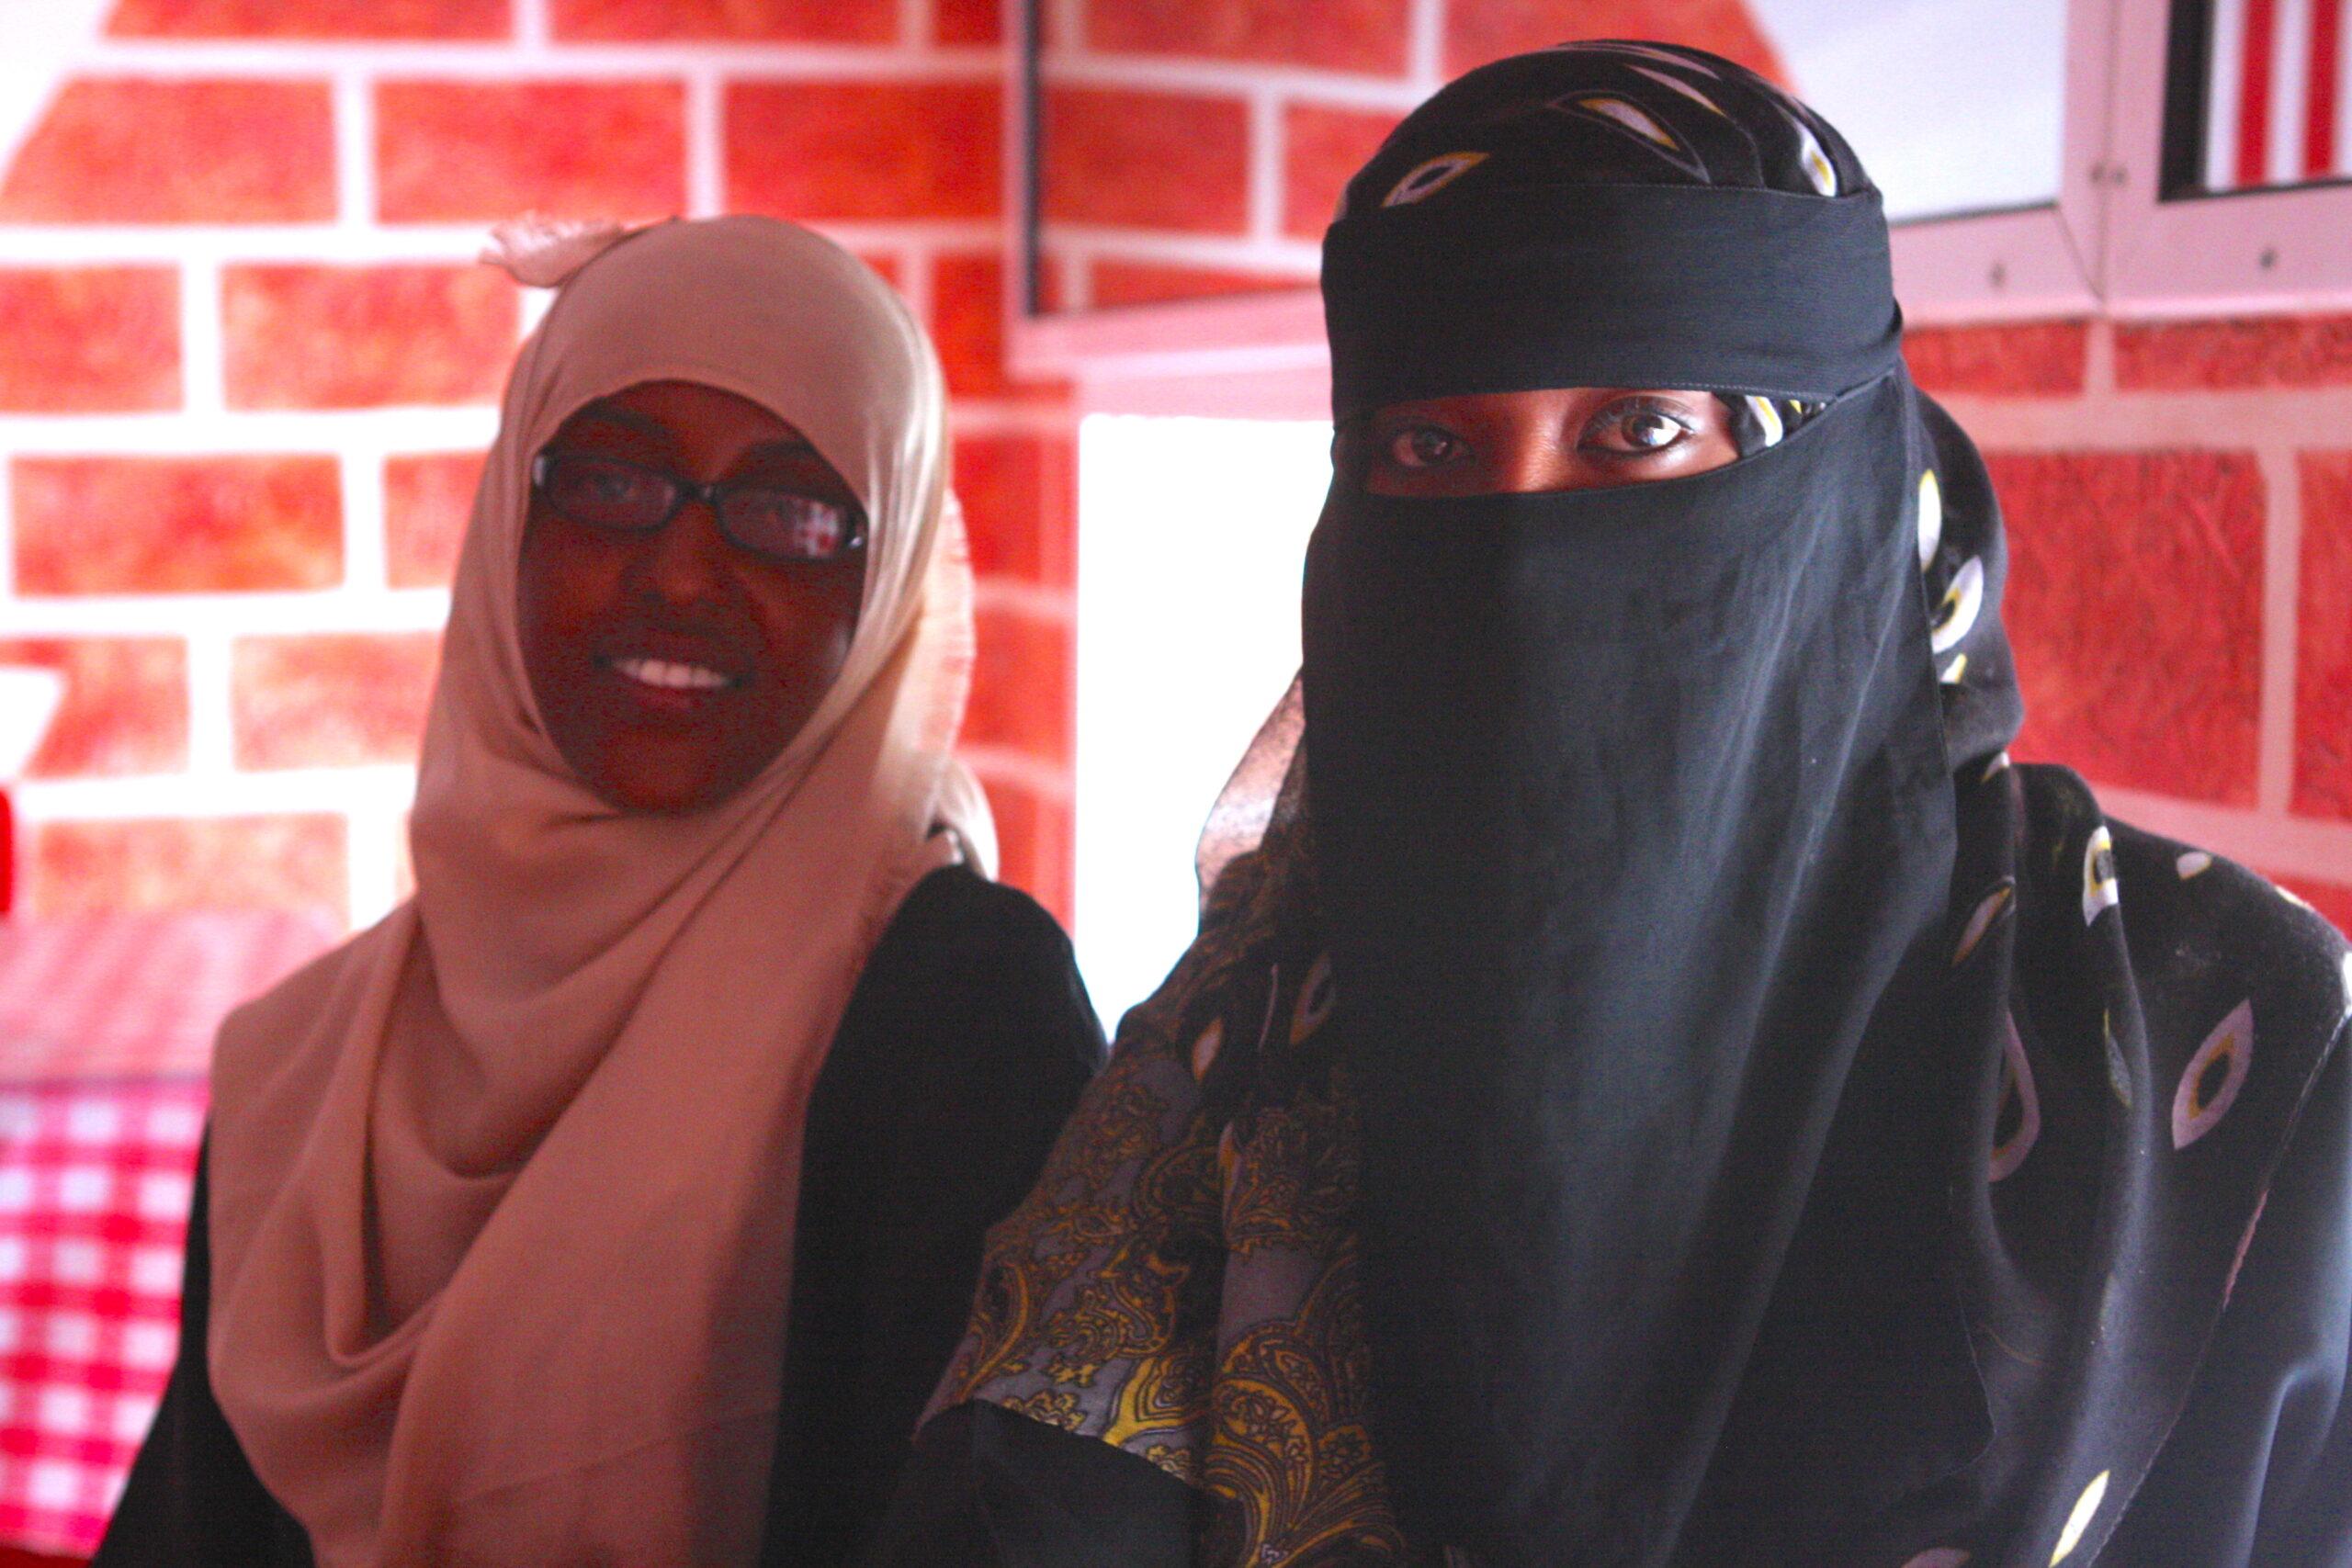 Naše soudy opět potvrdily, že se podřizujeme islámu